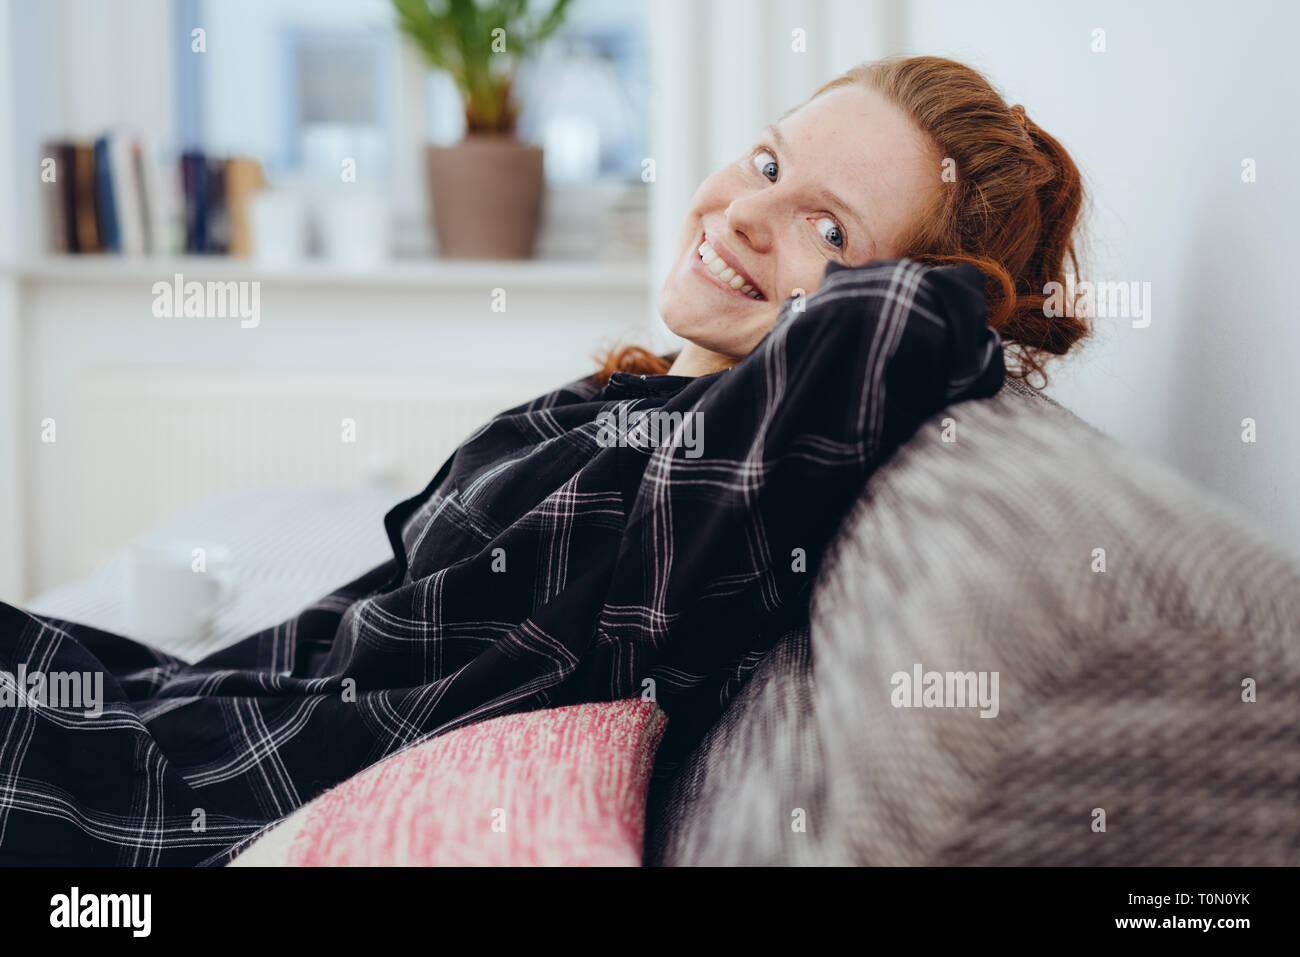 Feliz amable joven pelirroja mujer relajante en un sofá pasando a mirar a la cámara con una encantadora sonrisa cálida Foto de stock